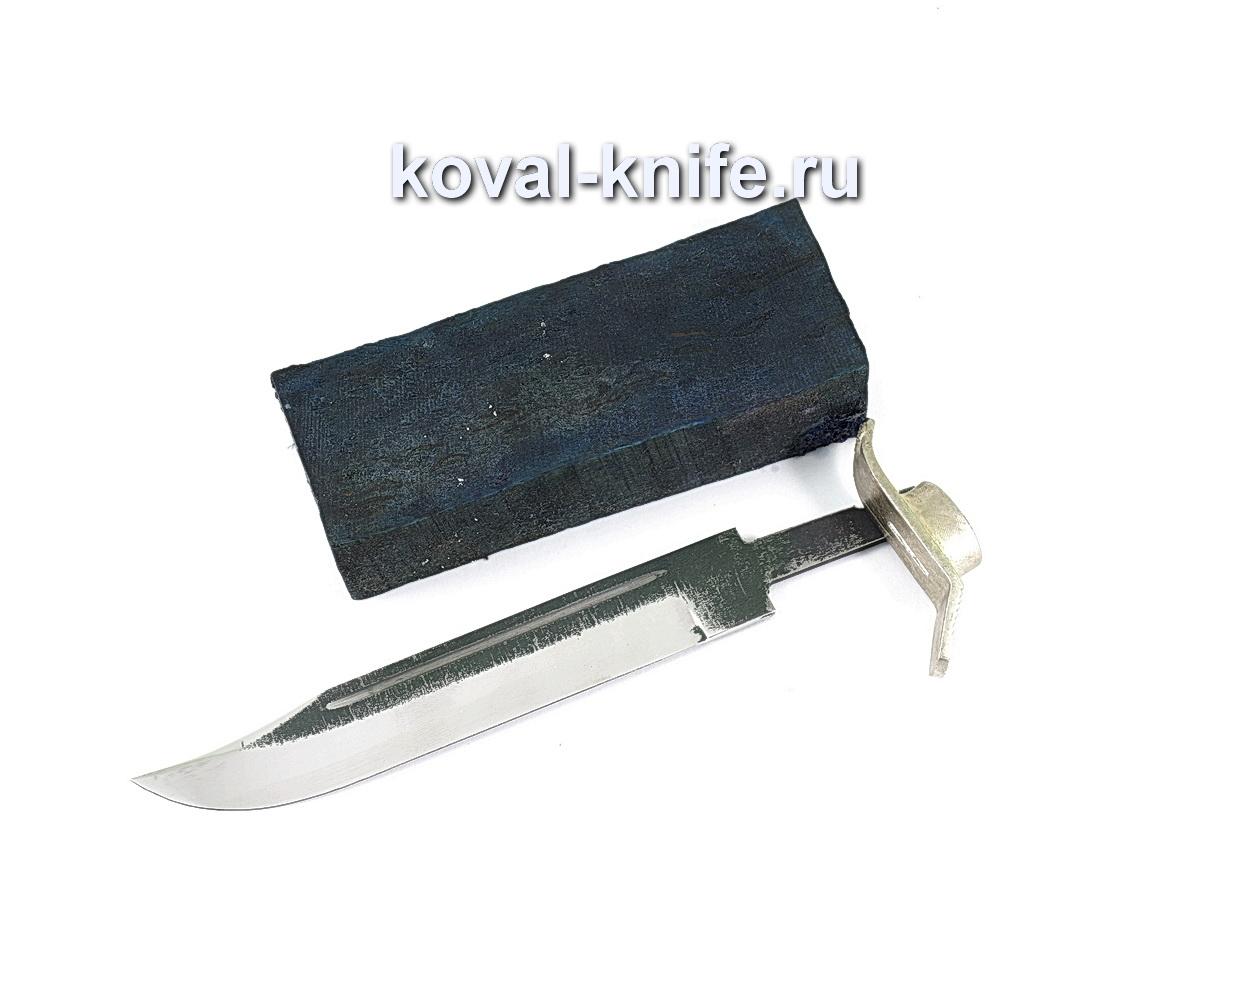 Комплект для ножа НР-40 5 (клинок кованая 110х18 2,4-2,5мм, литье 1шт., граб брусок)